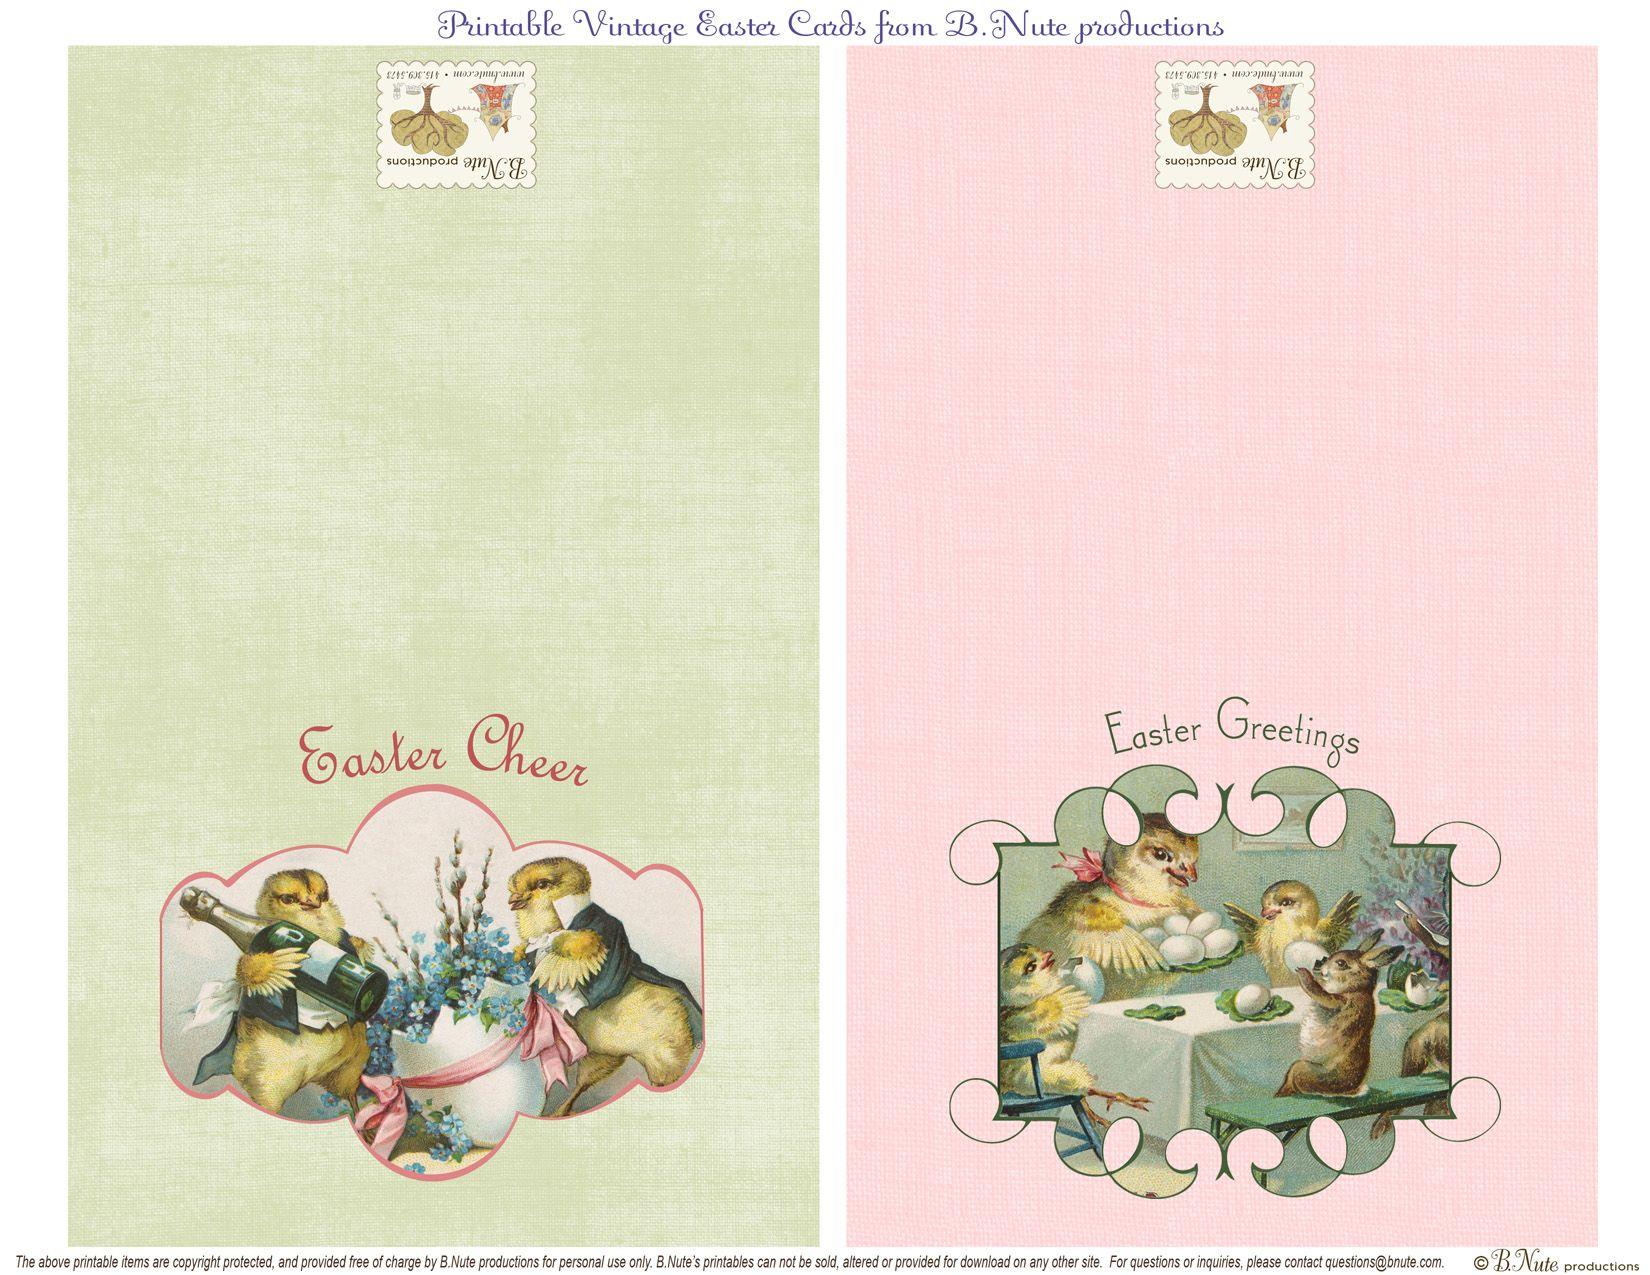 Free Printable Vintage Easter Folded Cards. I Finally Found These - Free Printable Vintage Easter Images